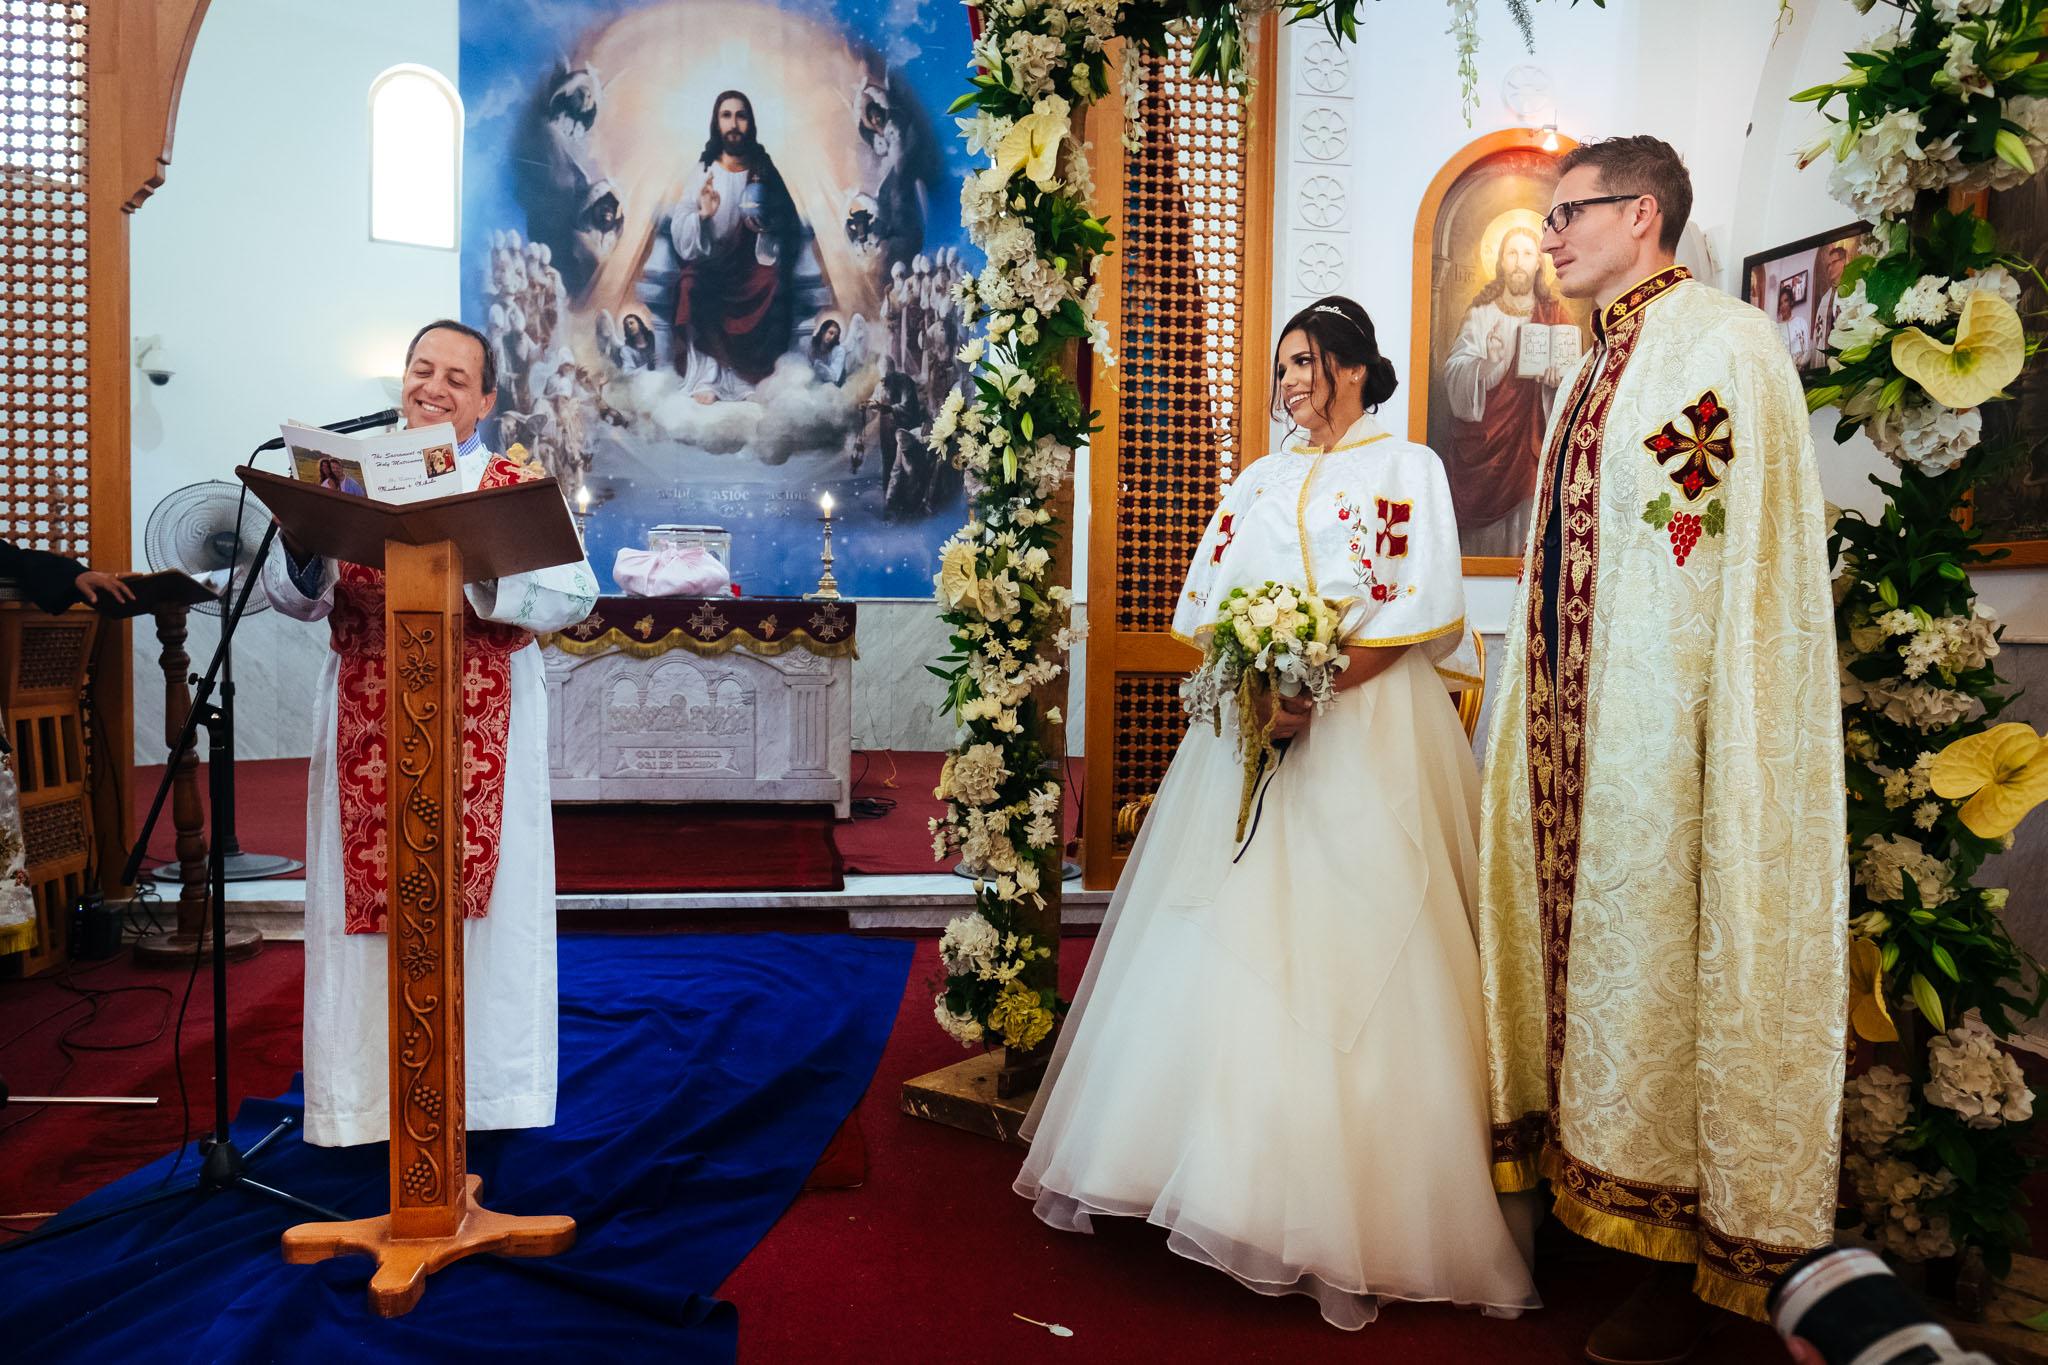 wedding-in-egitto-33.jpg